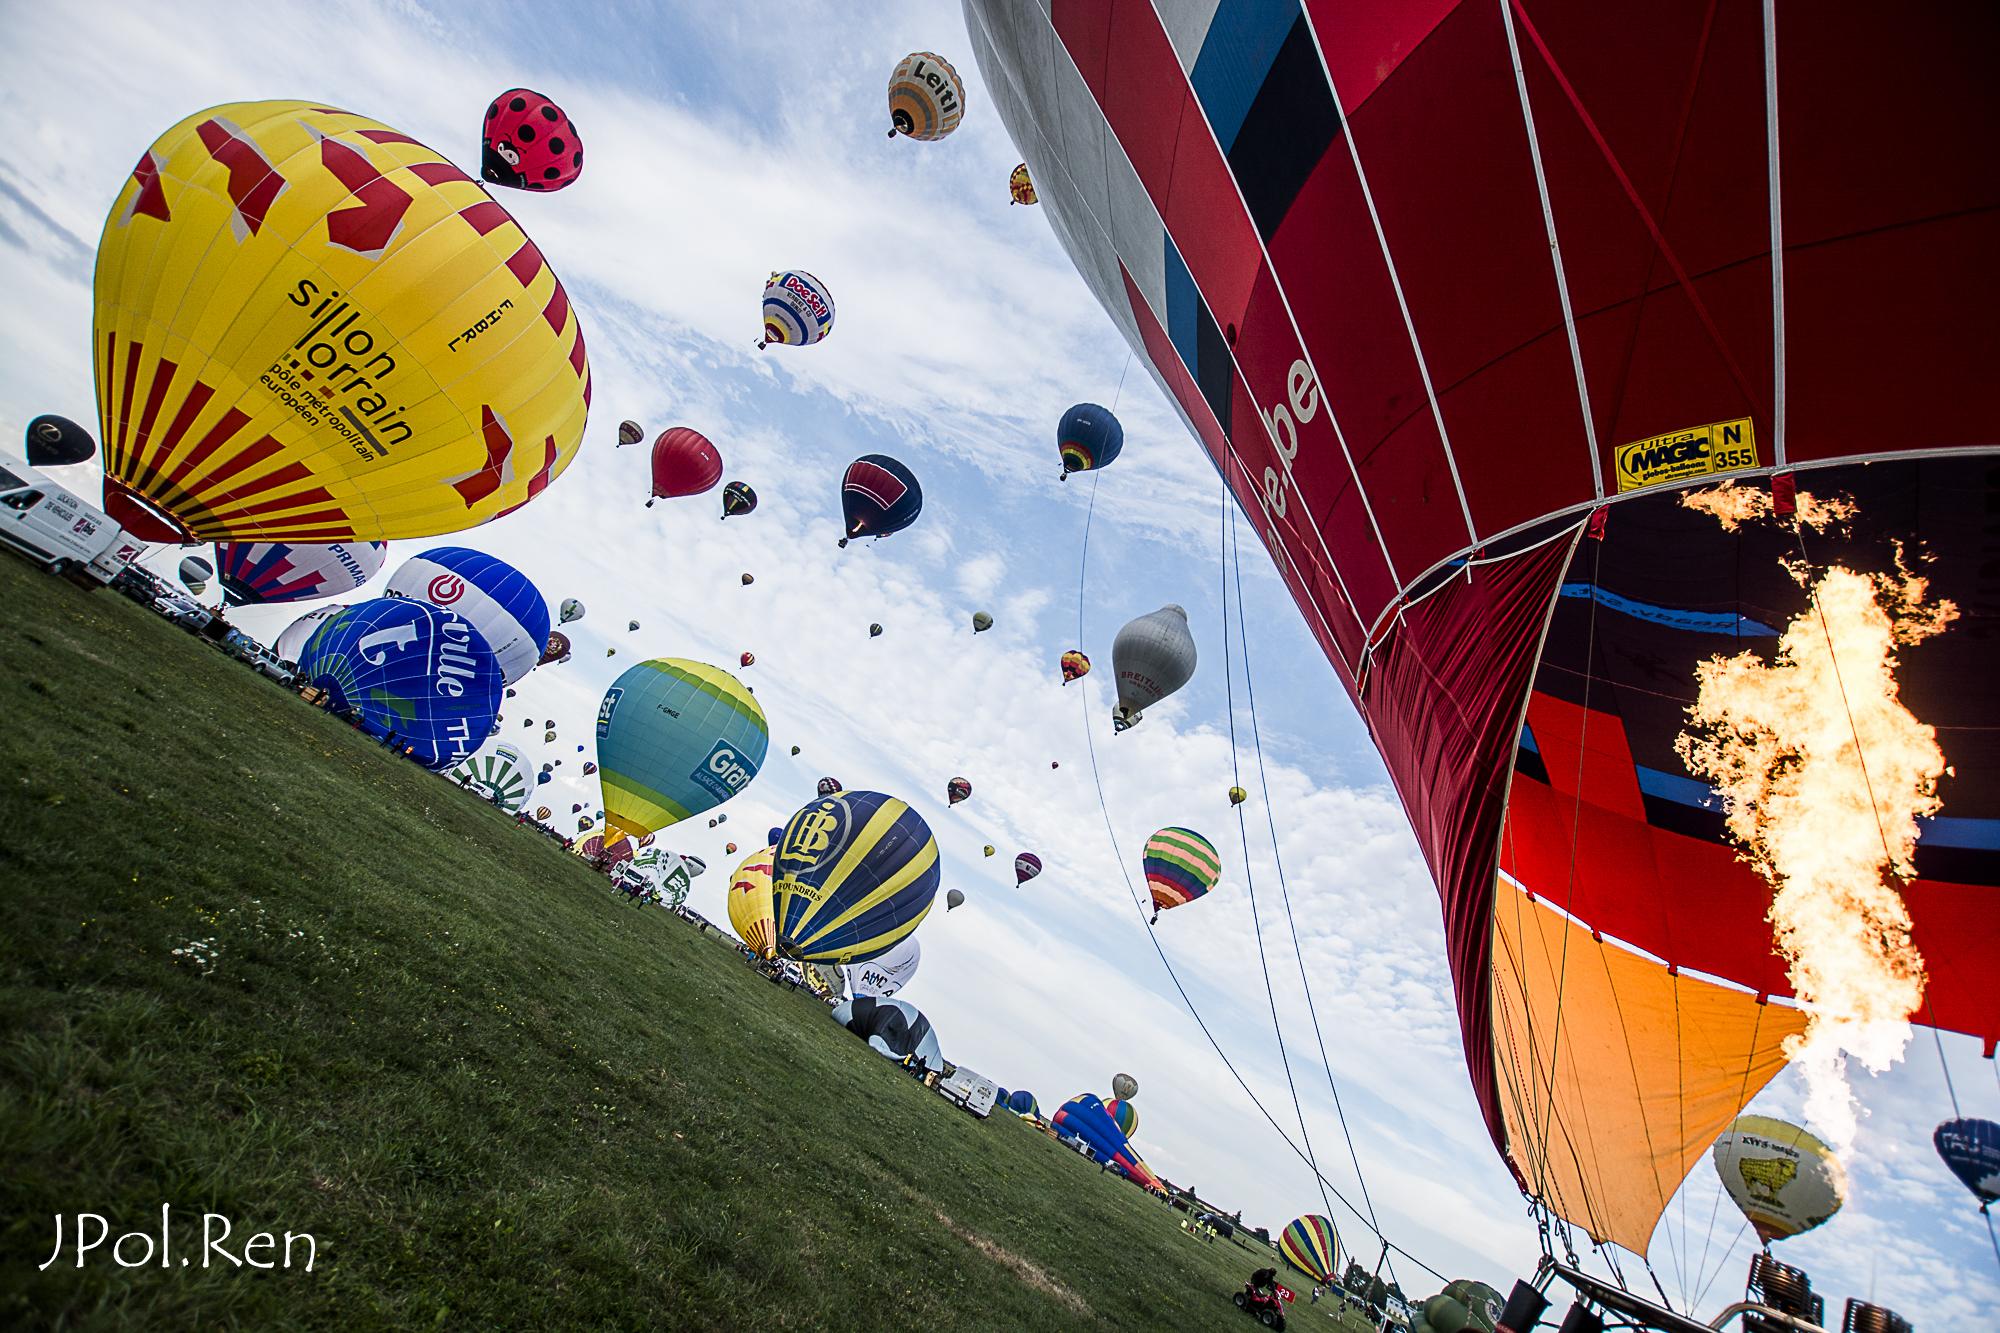 Mondial Air Ballon 2017 - Chambley - du 21 au 30 juillet - les photos 513635GG26air05514